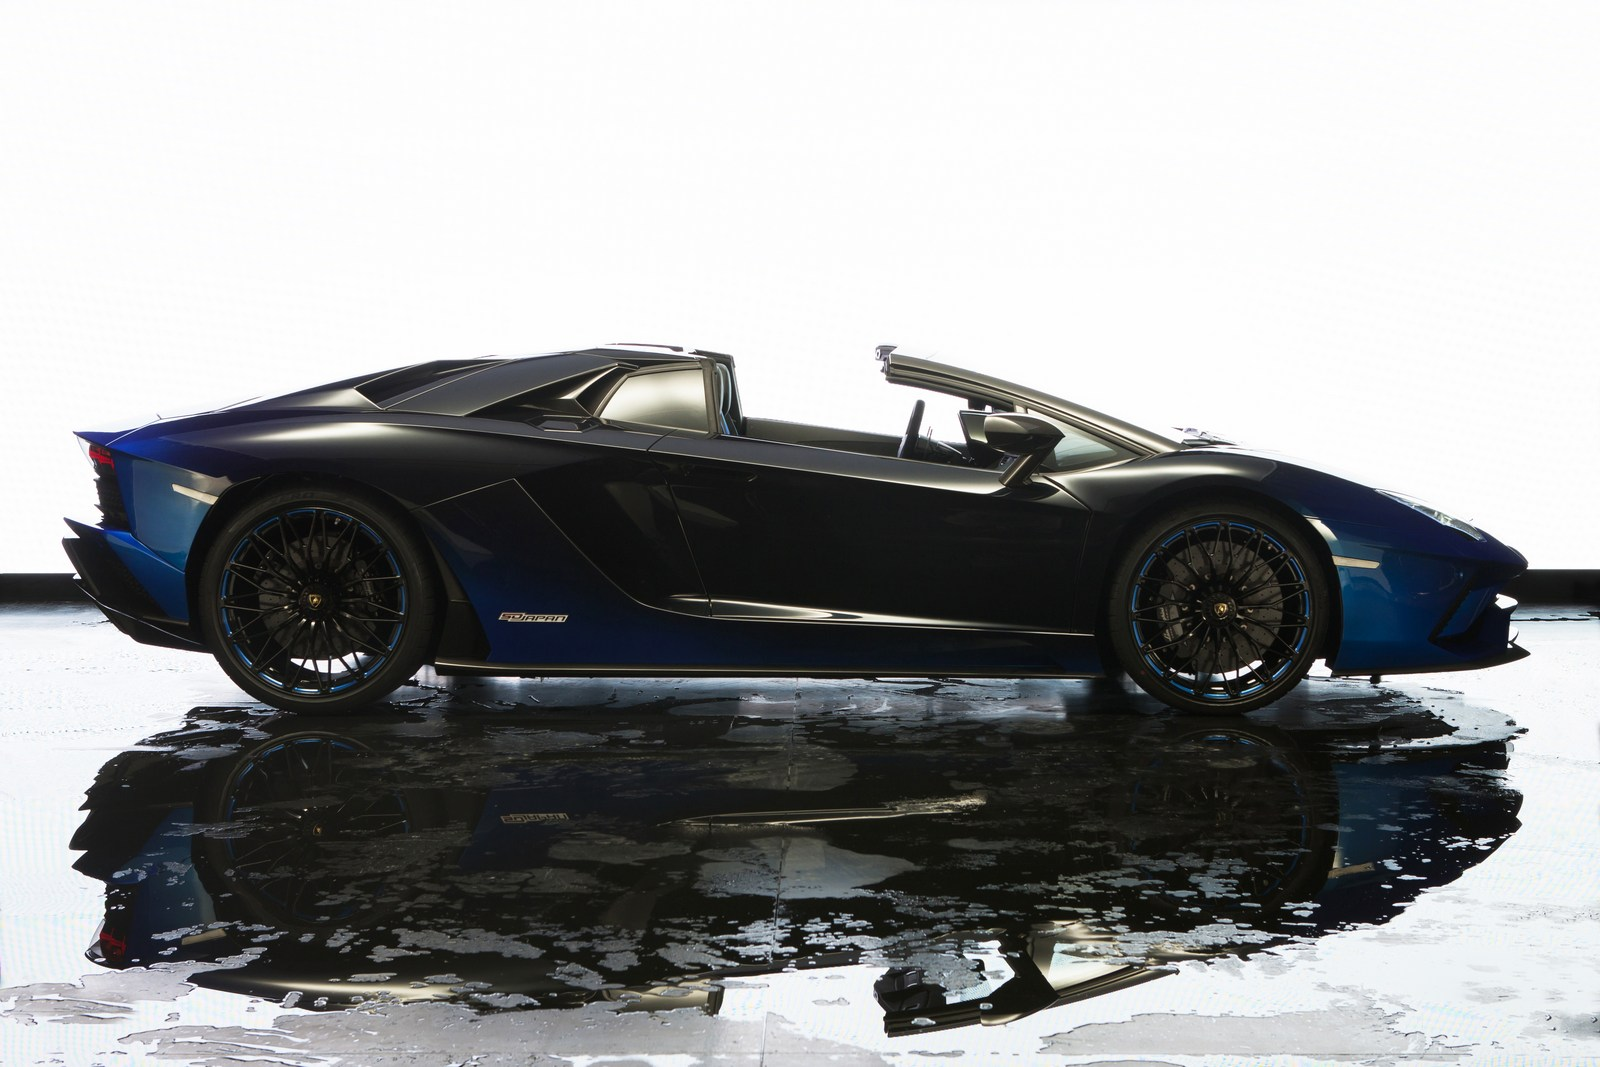 Lamborghini Aventador S Roadster For Japan (9)